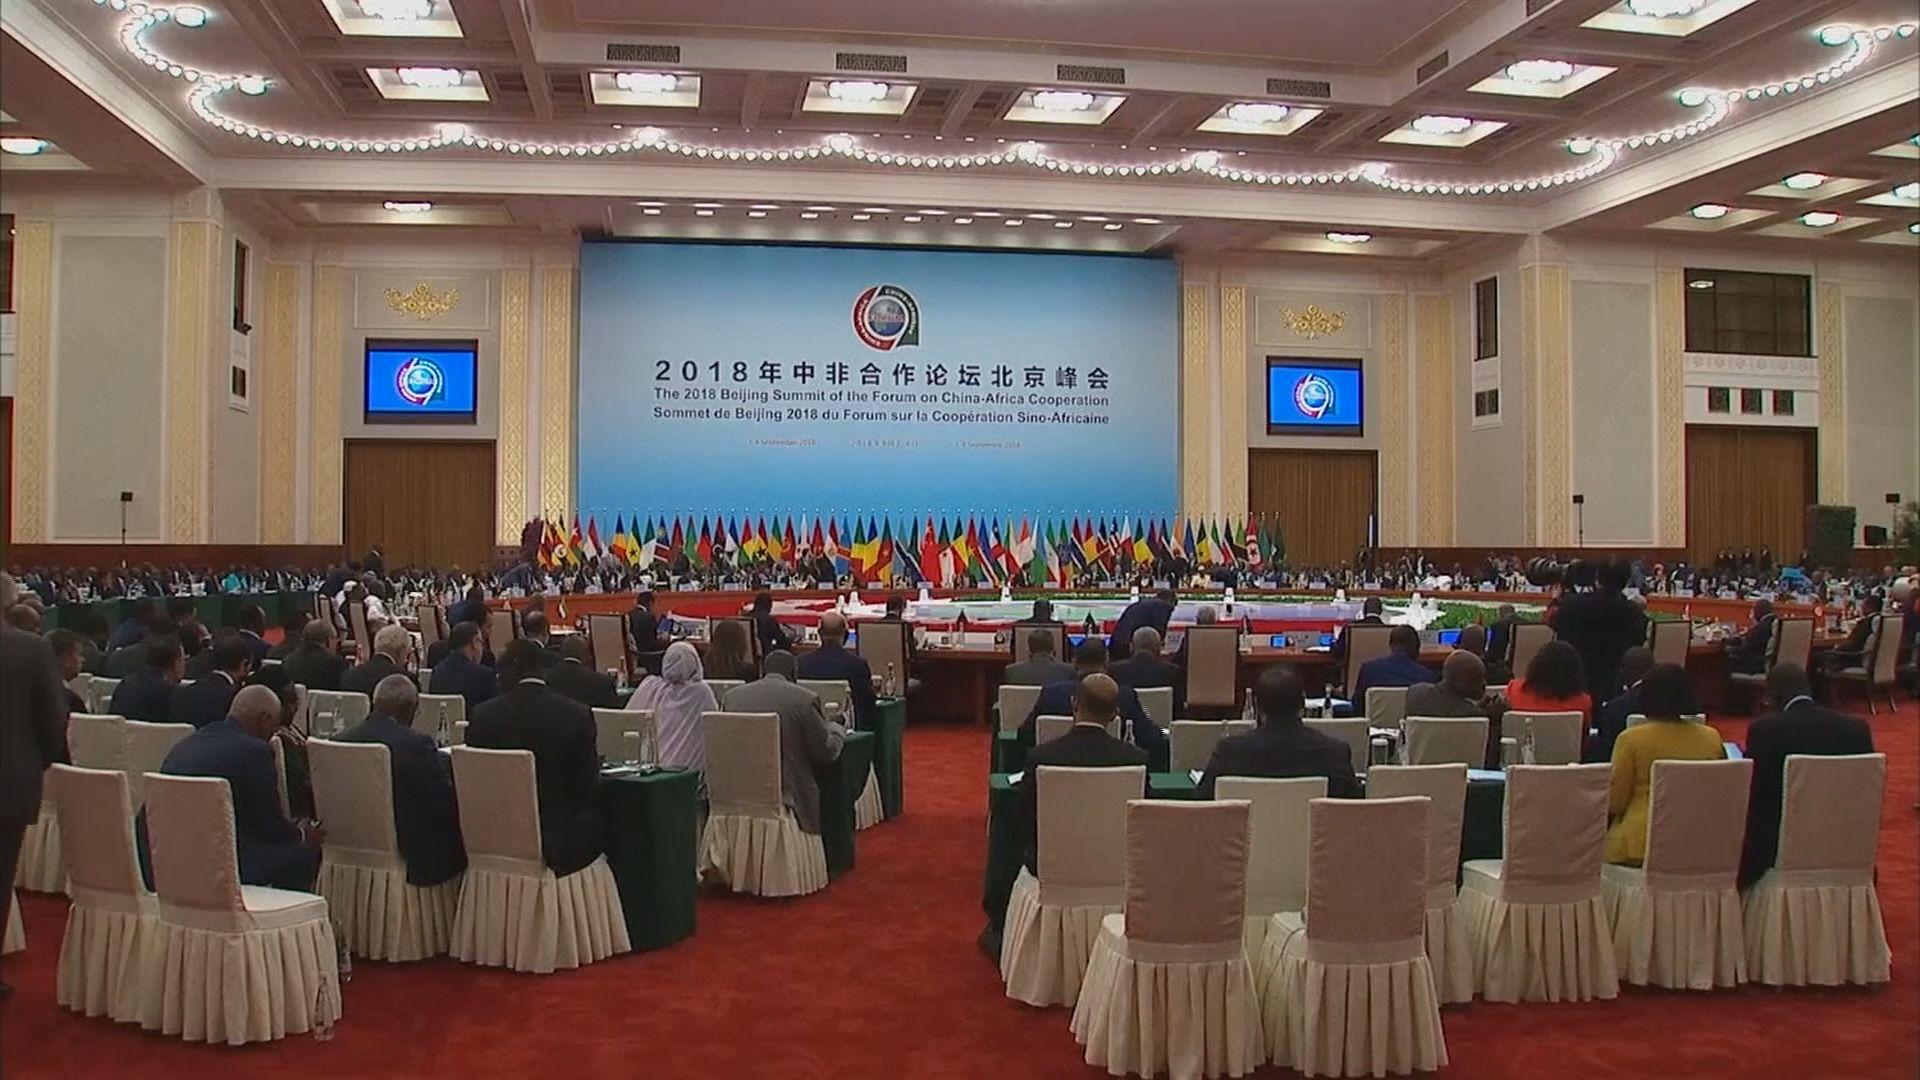 中非合作論壇召開圓桌會議